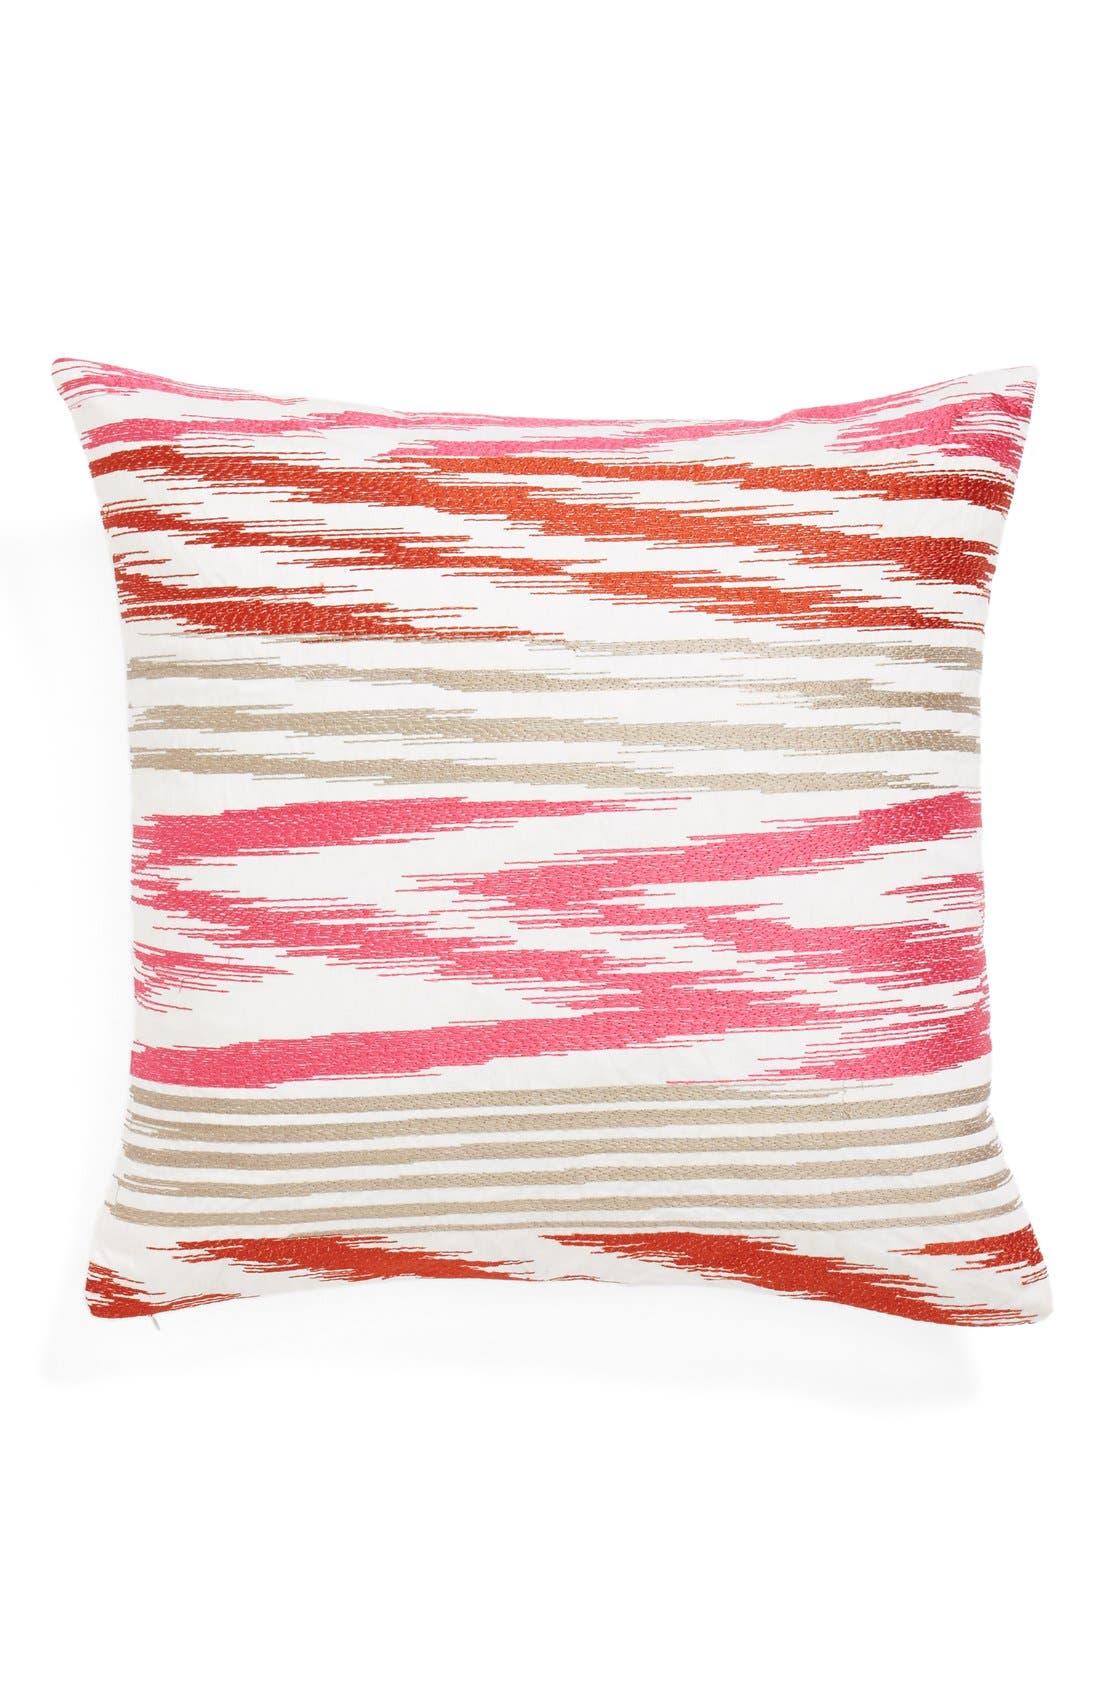 Main Image - zestt 'Ryan' Pillow